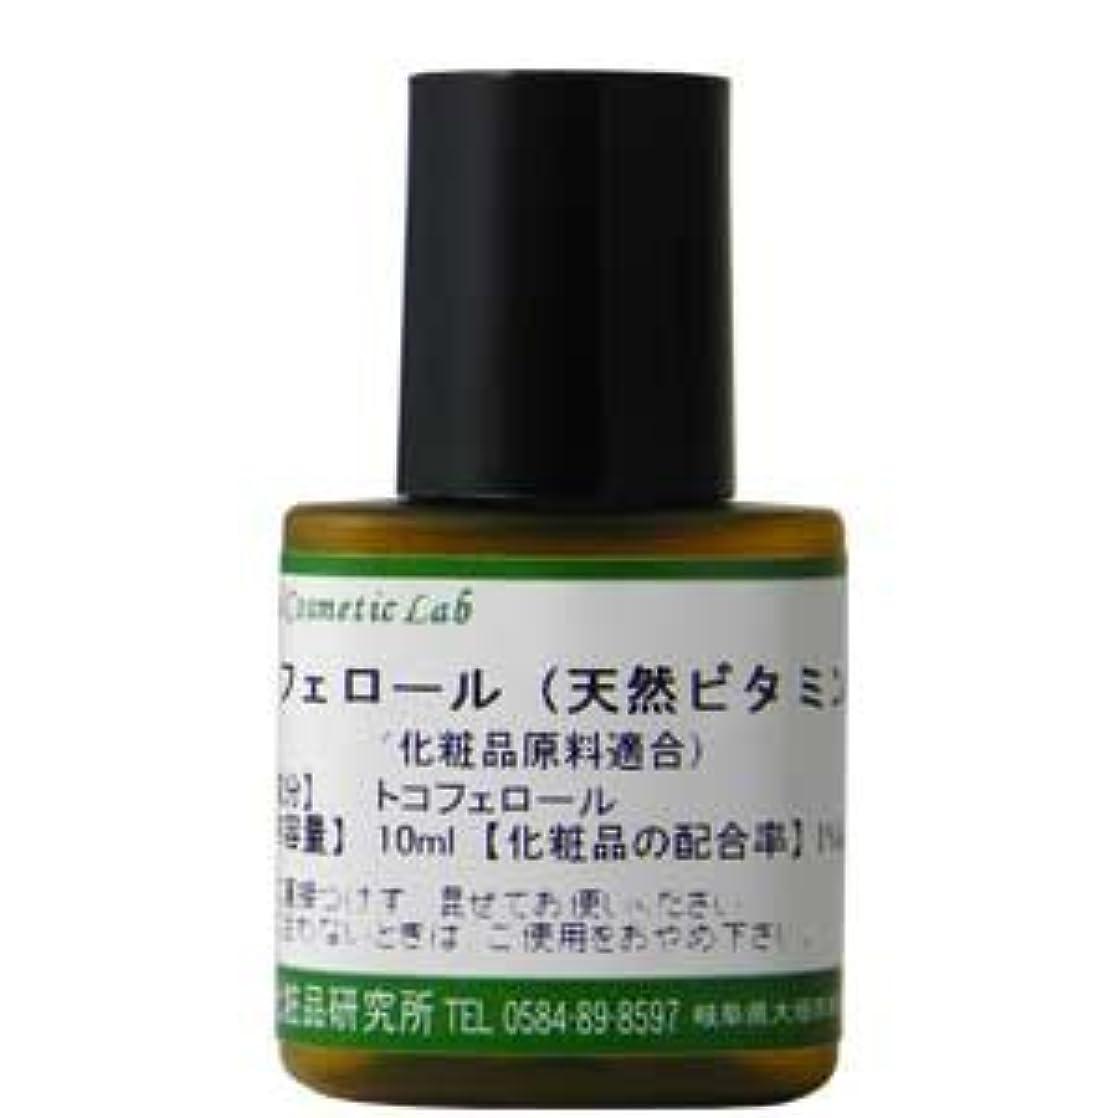 合成テザー乙女トコフェロール (天然 ビタミンE) 化粧品原料 10ml